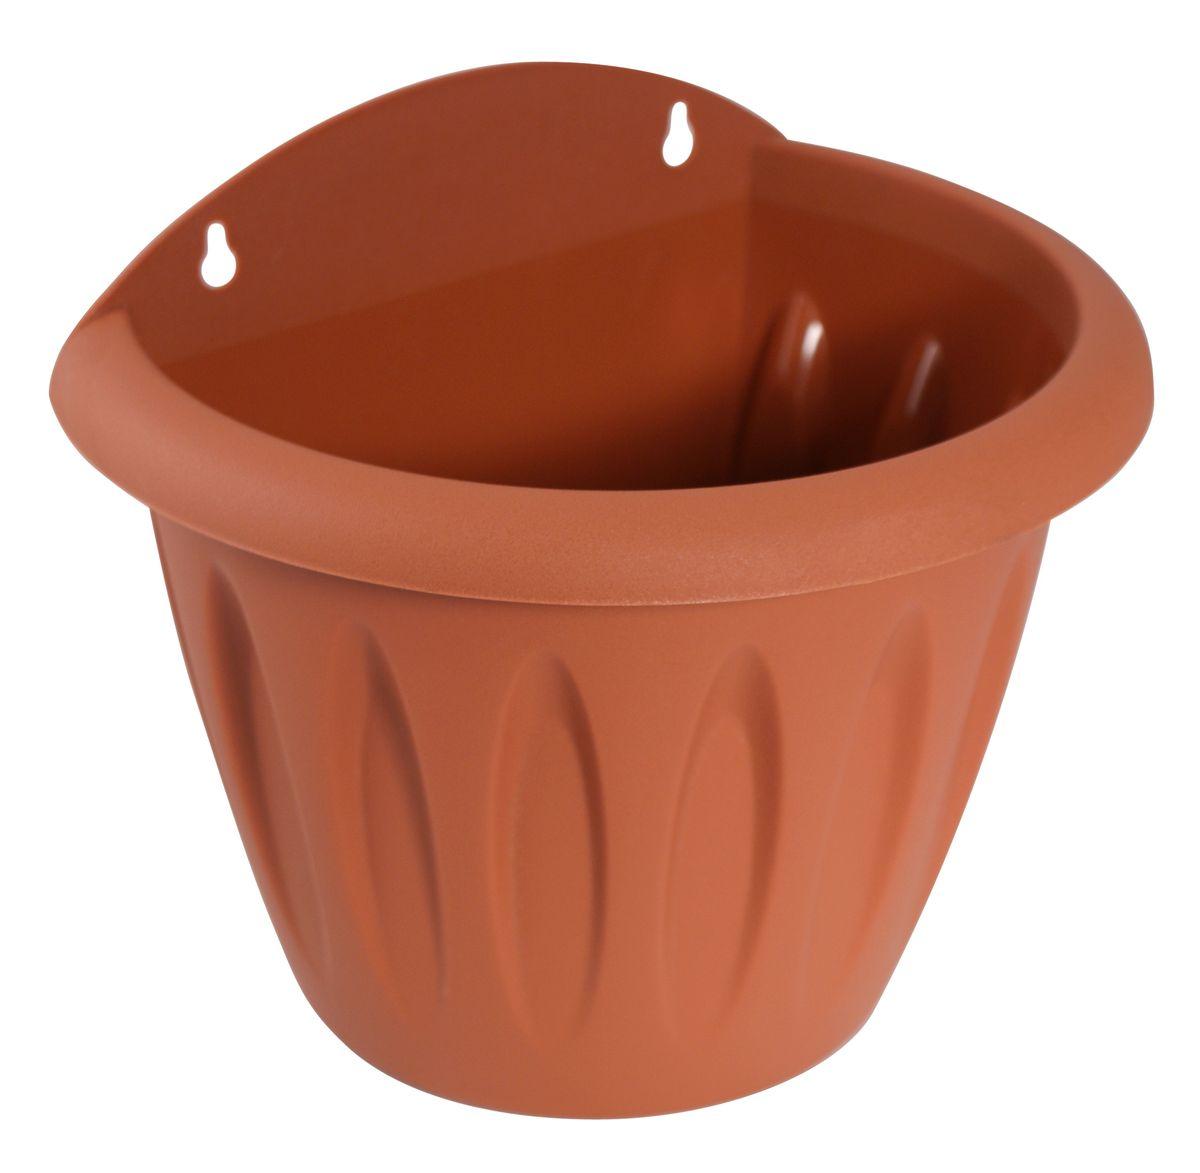 Кашпо настенное Martika Фелиция, цвет: терракотовый, 16 х 11,7 х 13,9 смZ-0307Любой, даже самый современный и продуманный интерьер будет не завершённым без растений. Они не только очищают воздух и насыщают его кислородом, но и заметно украшают окружающее пространство. Такому полезному &laquo члену семьи&raquoпросто необходимо красивое и функциональное кашпо, оригинальный горшок или необычная ваза! Мы предлагаем - Кашпо настенное d=16 см Фелиция, цвет терракот!Оптимальный выбор материала &mdash &nbsp пластмасса! Почему мы так считаем? Малый вес. С лёгкостью переносите горшки и кашпо с места на место, ставьте их на столики или полки, подвешивайте под потолок, не беспокоясь о нагрузке. Простота ухода. Пластиковые изделия не нуждаются в специальных условиях хранения. Их&nbsp легко чистить &mdashдостаточно просто сполоснуть тёплой водой. Никаких царапин. Пластиковые кашпо не царапают и не загрязняют поверхности, на которых стоят. Пластик дольше хранит влагу, а значит &mdashрастение реже нуждается в поливе. Пластмасса не пропускает воздух &mdashкорневой системе растения не грозят резкие перепады температур. Огромный выбор форм, декора и расцветок &mdashвы без труда подберёте что-то, что идеально впишется в уже существующий интерьер.Соблюдая нехитрые правила ухода, вы можете заметно продлить срок службы горшков, вазонов и кашпо из пластика: всегда учитывайте размер кроны и корневой системы растения (при разрастании большое растение способно повредить маленький горшок)берегите изделие от воздействия прямых солнечных лучей, чтобы кашпо и горшки не выцветалидержите кашпо и горшки из пластика подальше от нагревающихся поверхностей.Создавайте прекрасные цветочные композиции, выращивайте рассаду или необычные растения, а низкие цены позволят вам не ограничивать себя в выборе.